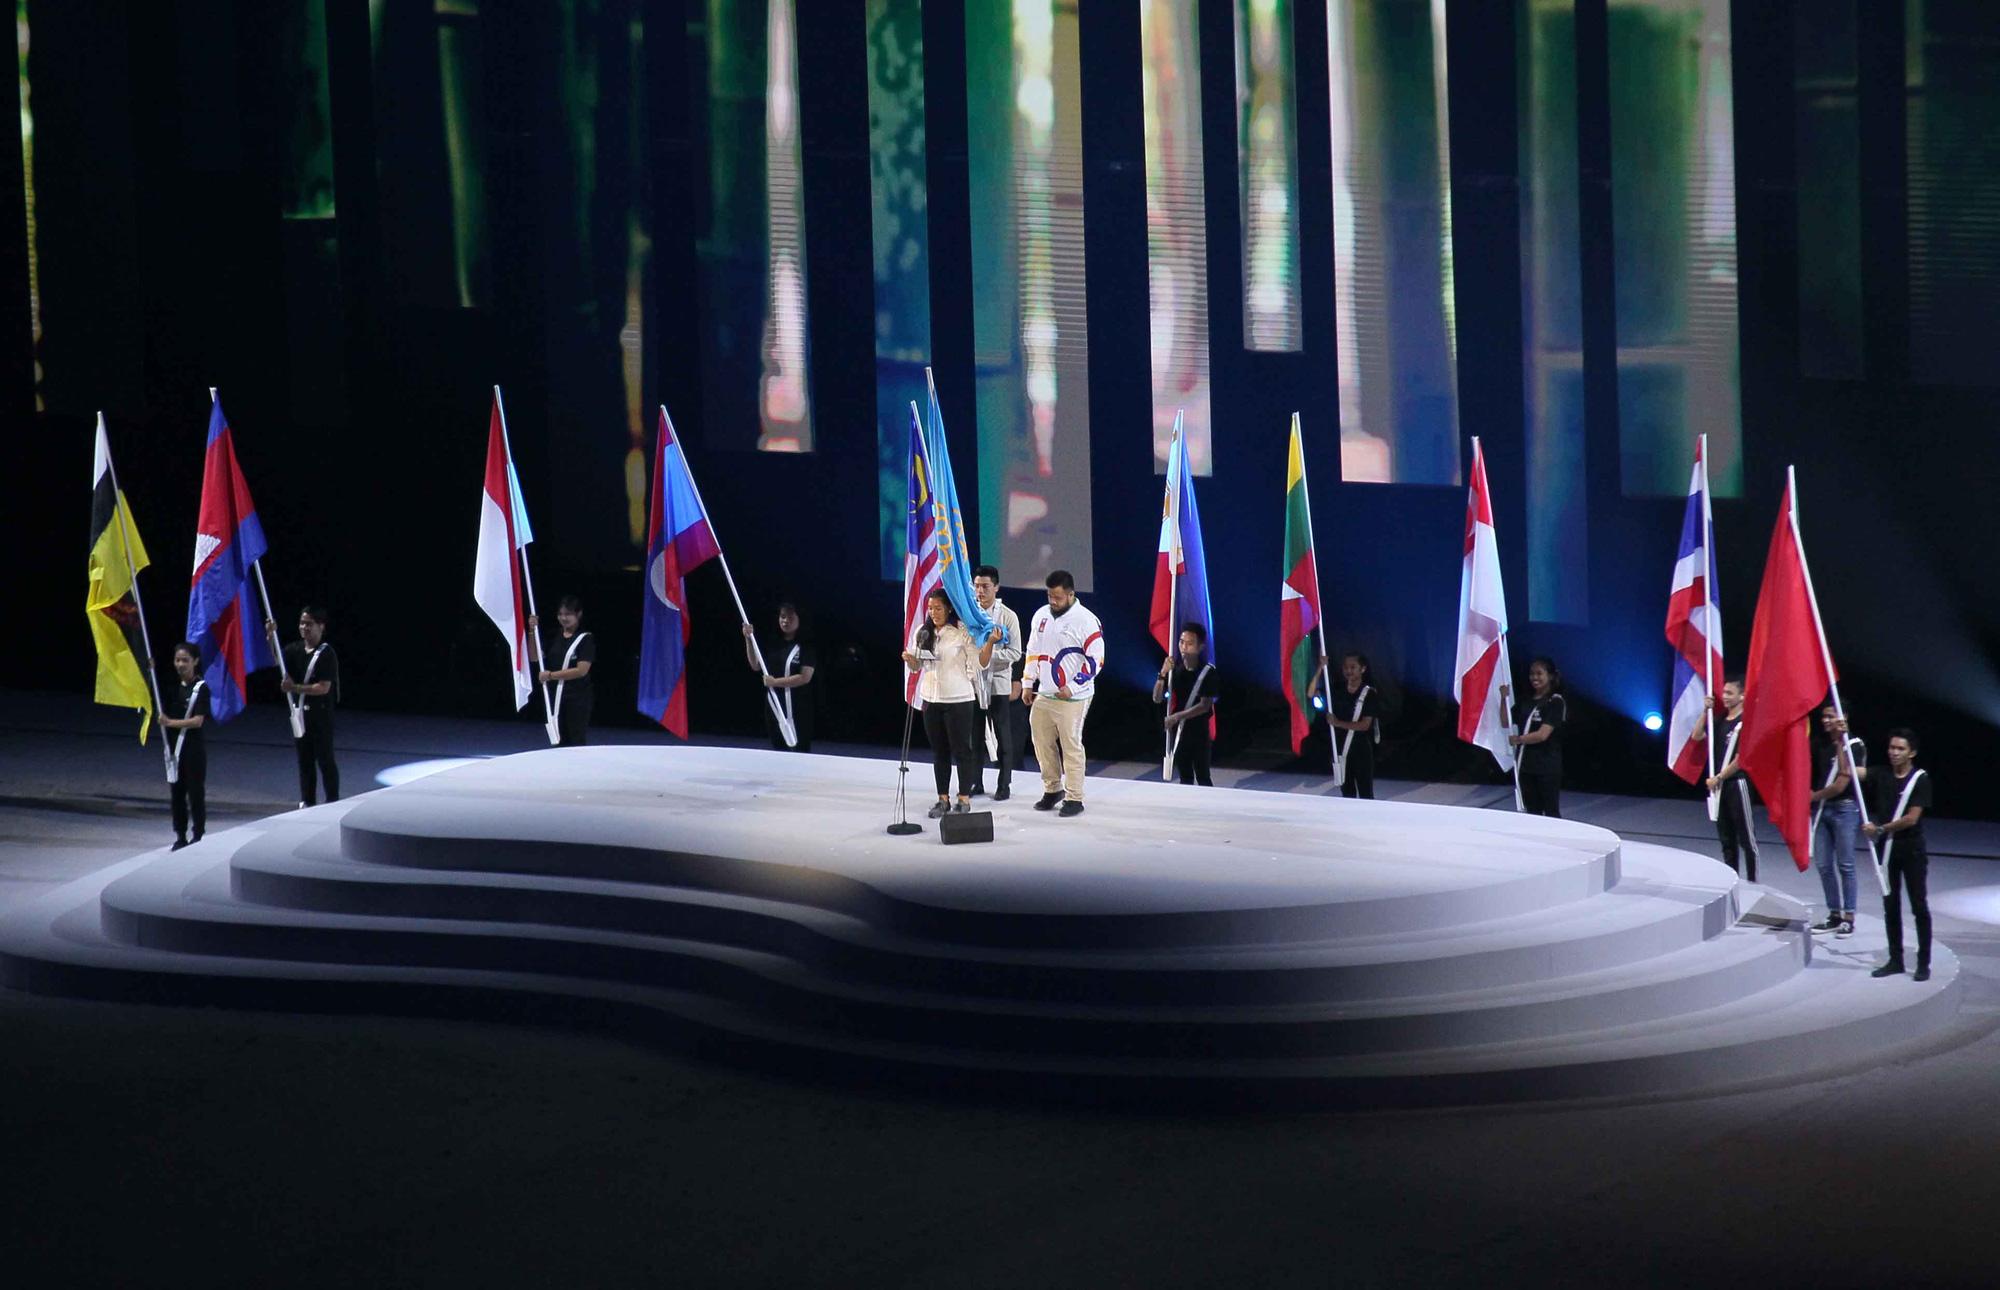 Khai màn SEA Games 30: Đoàn Thể thao Việt Nam hướng tới mục tiêu cao nhất - Ảnh 5.